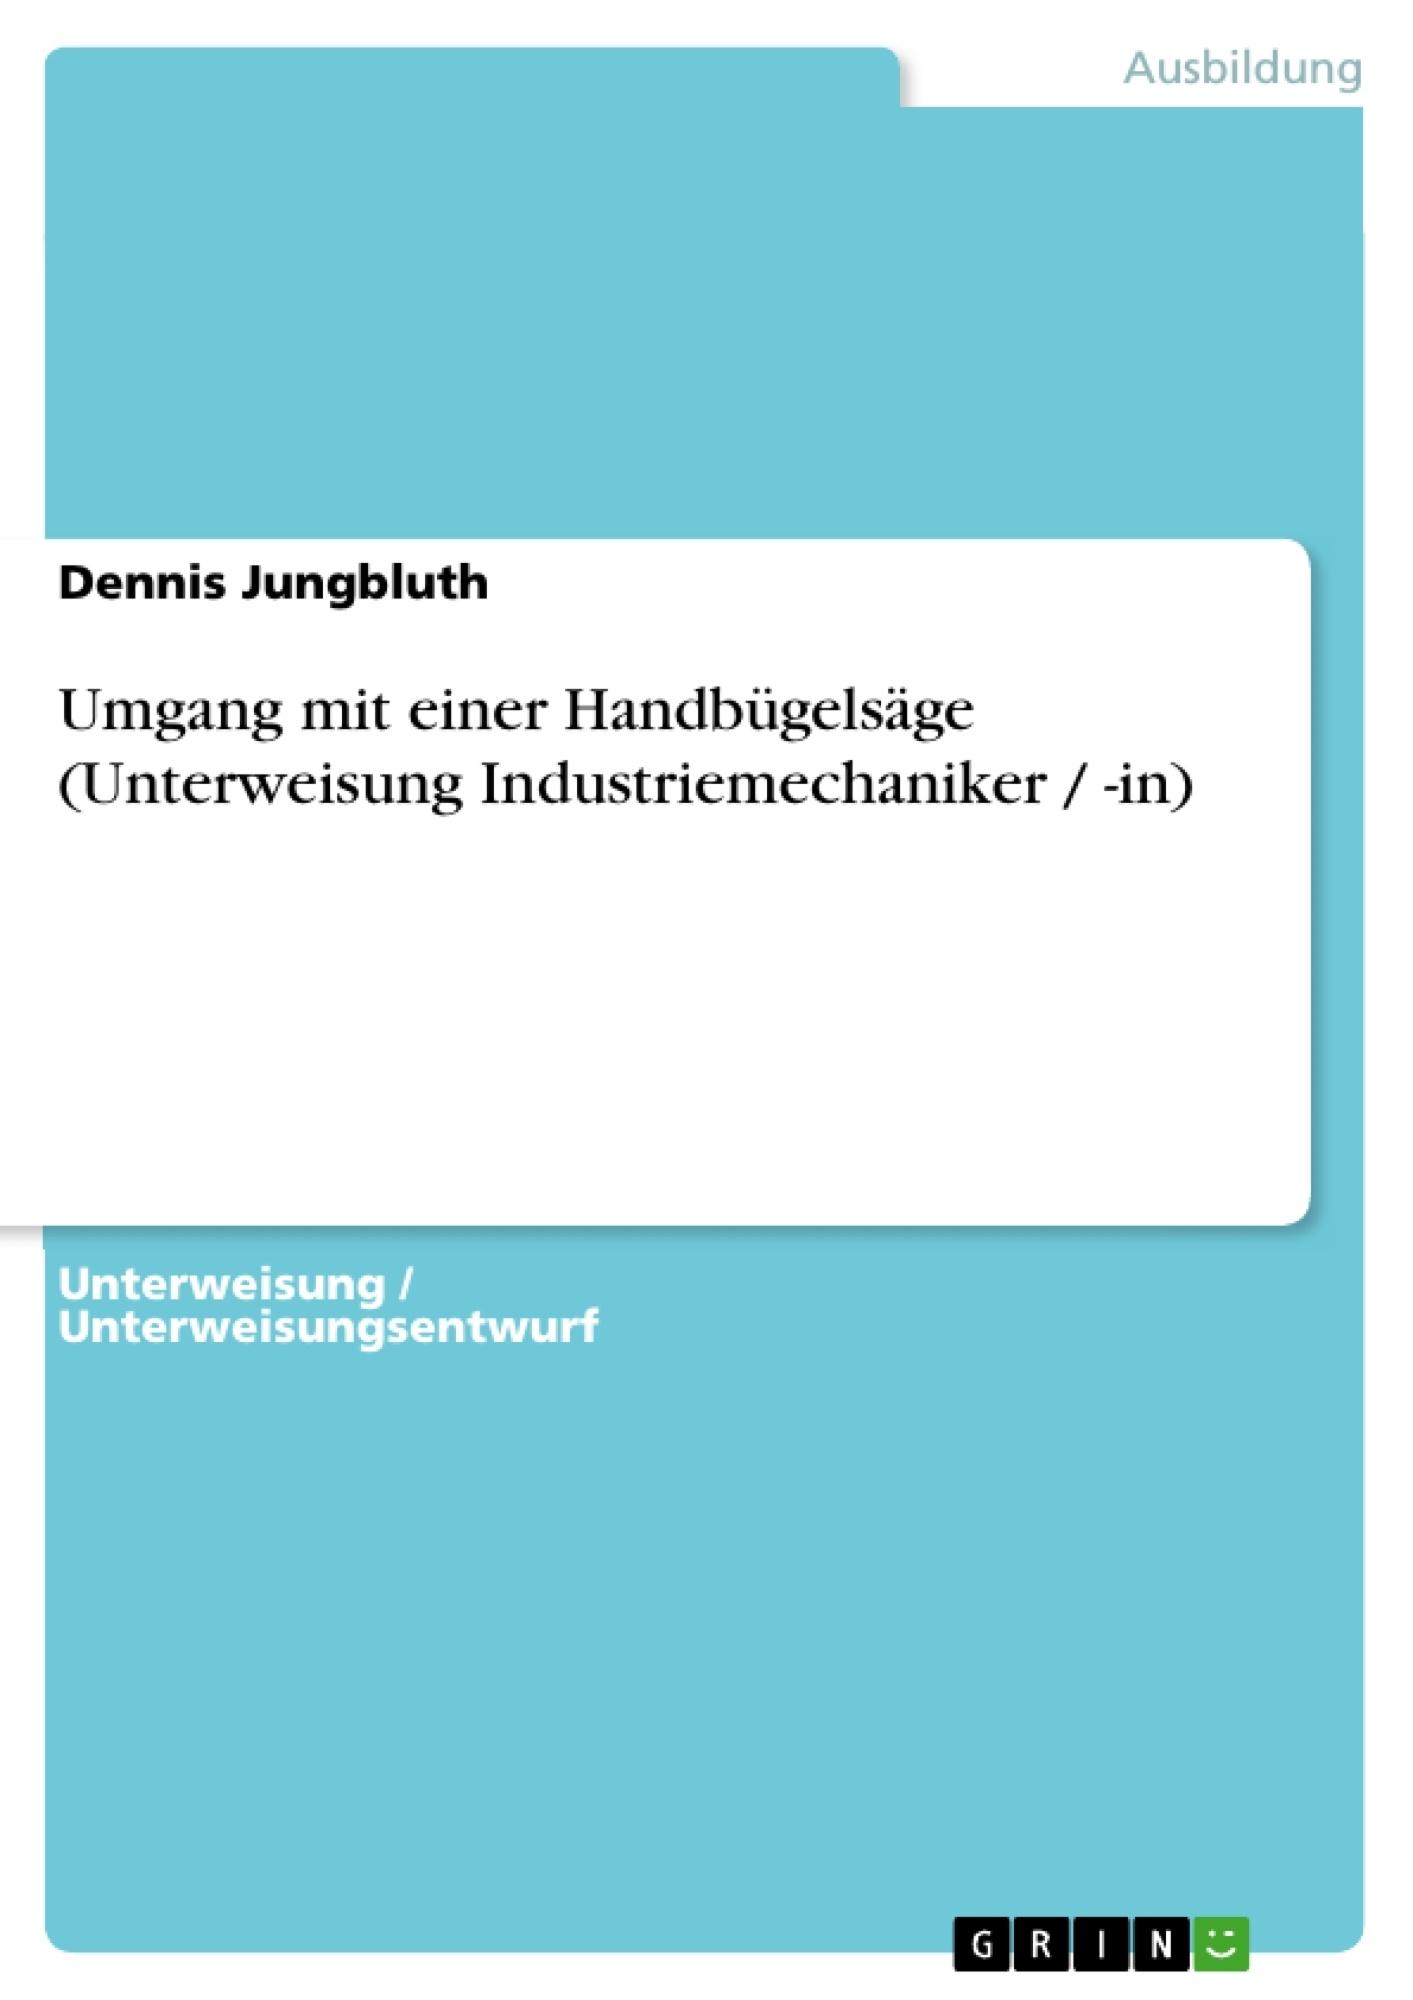 Titel: Umgang mit einer Handbügelsäge (Unterweisung Industriemechaniker / -in)